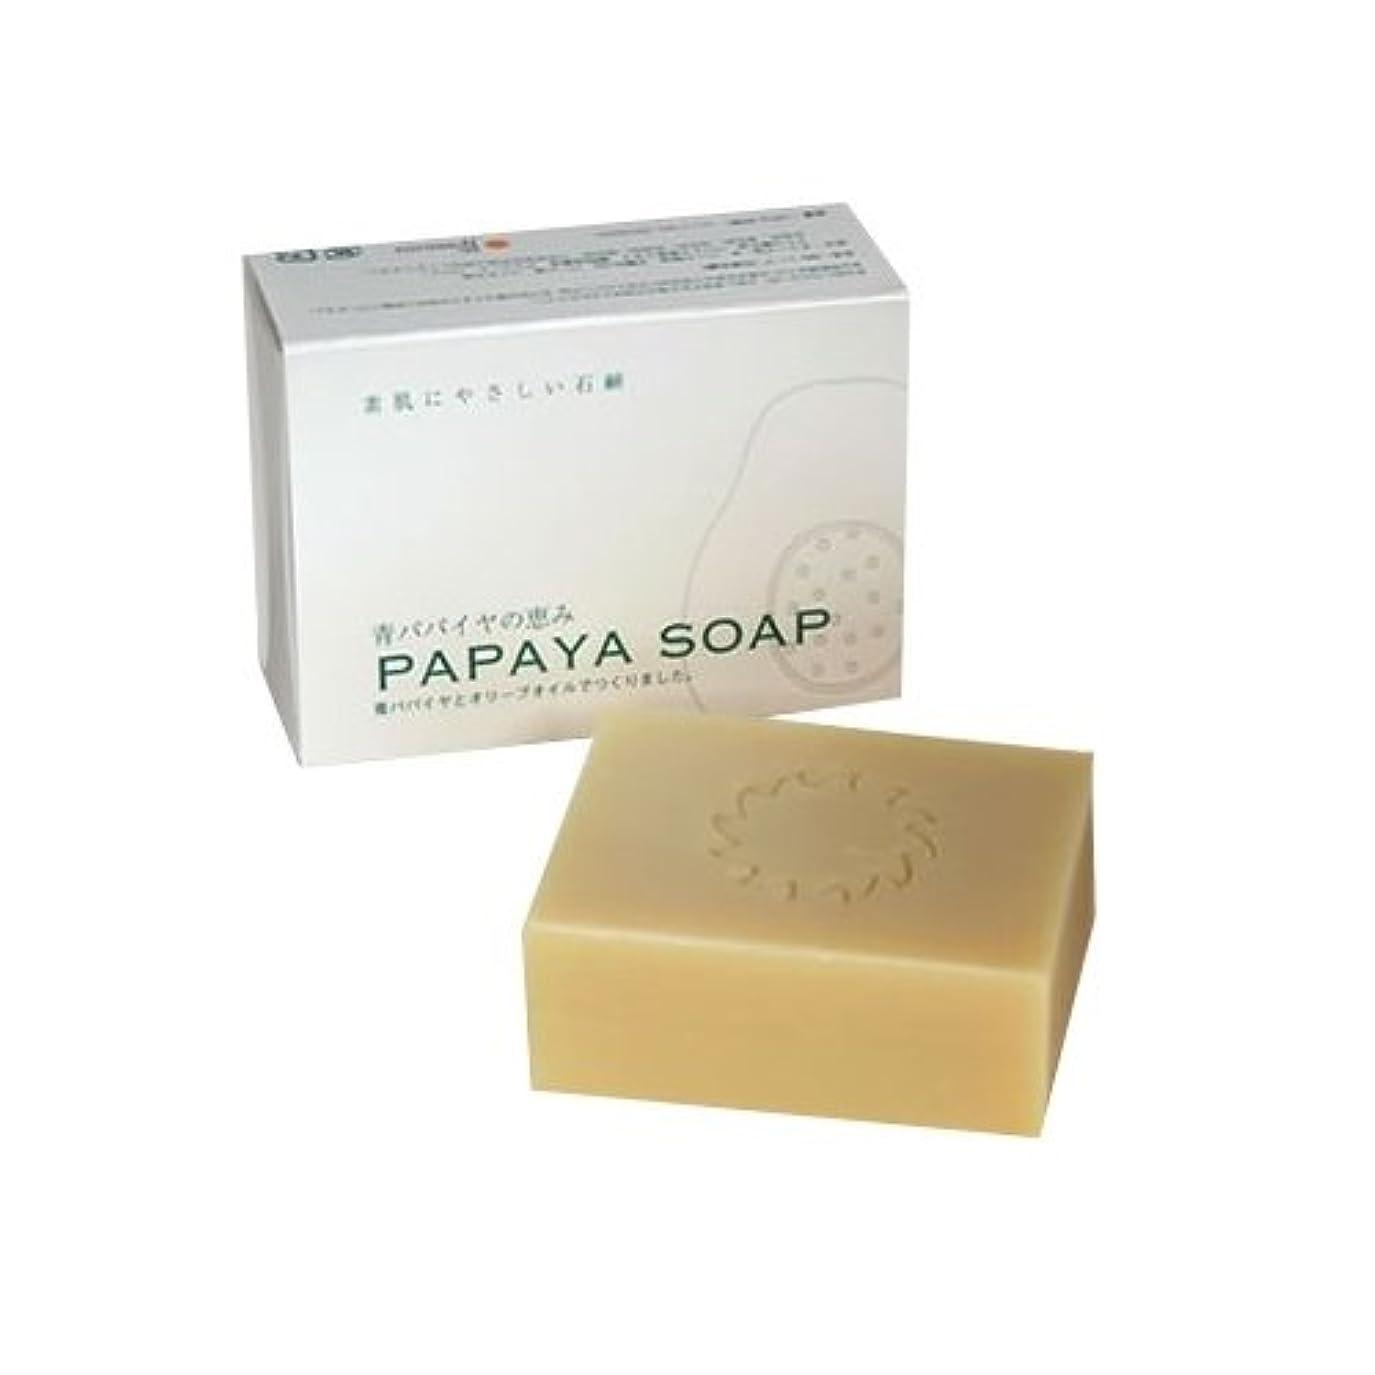 官僚準拠ぼろ青パパイヤの恵み PAPAYA SOAP(パパイヤソープ) 100g